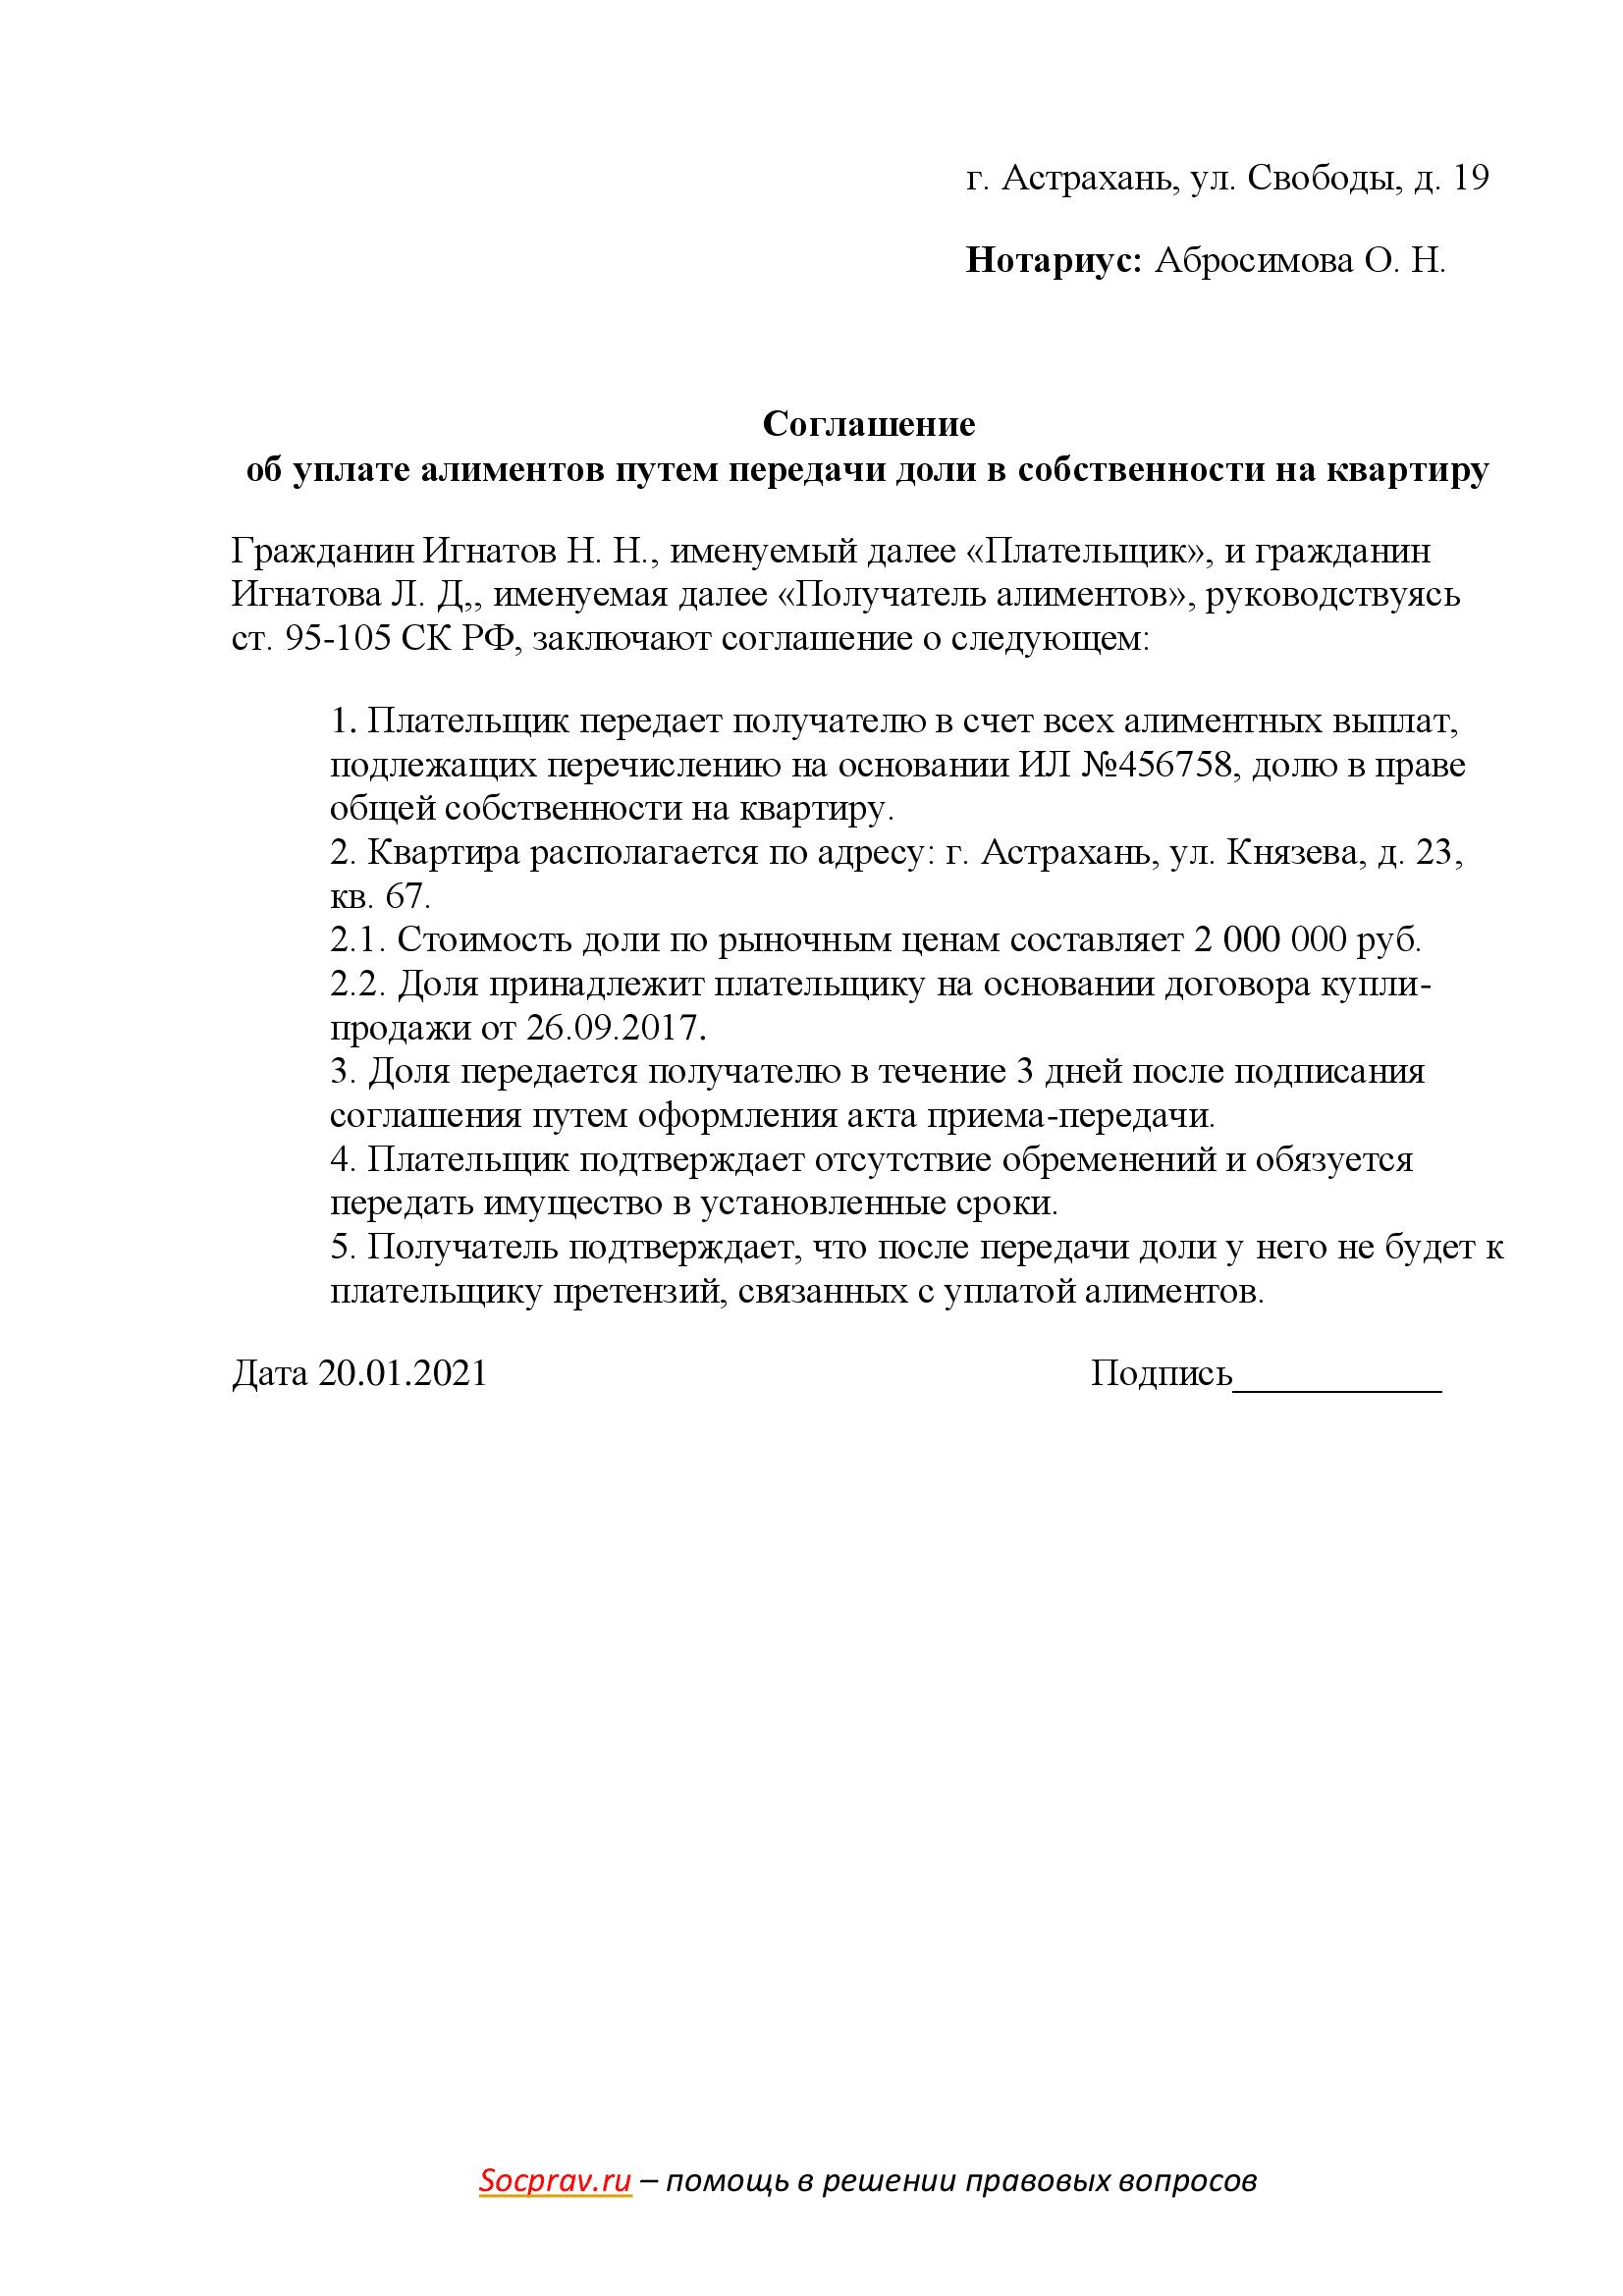 Соглашение об уплате алиментов путем передачи доли в собственности на квартиру